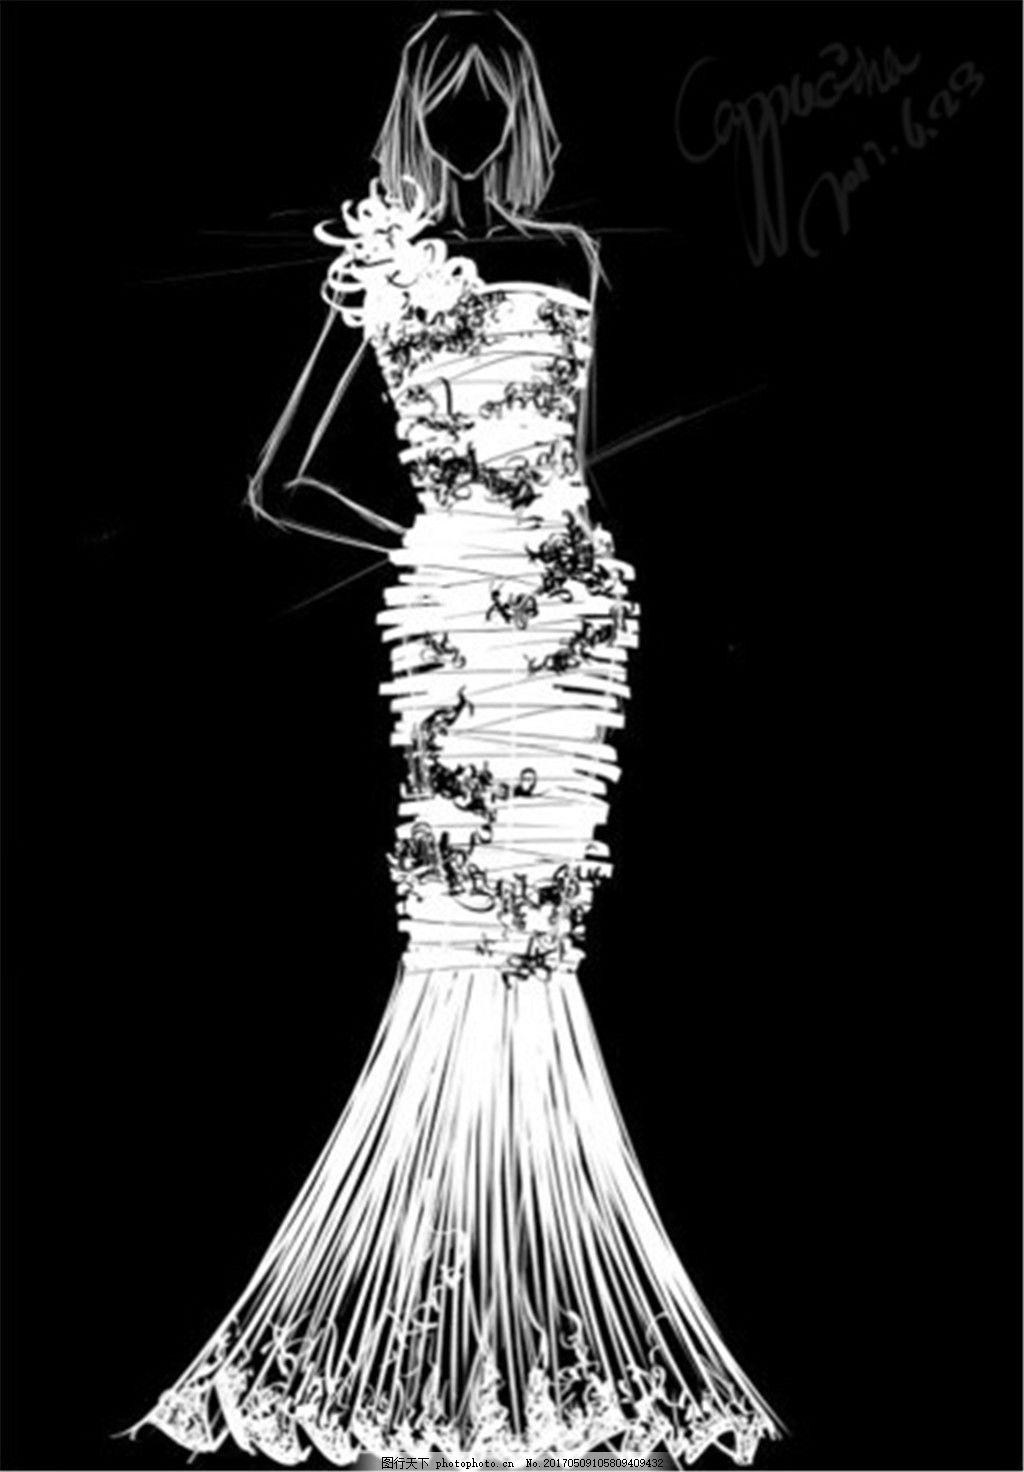 设计图库 现代科技 服装设计  白色长裙礼服设计剪影 服装设计 时尚